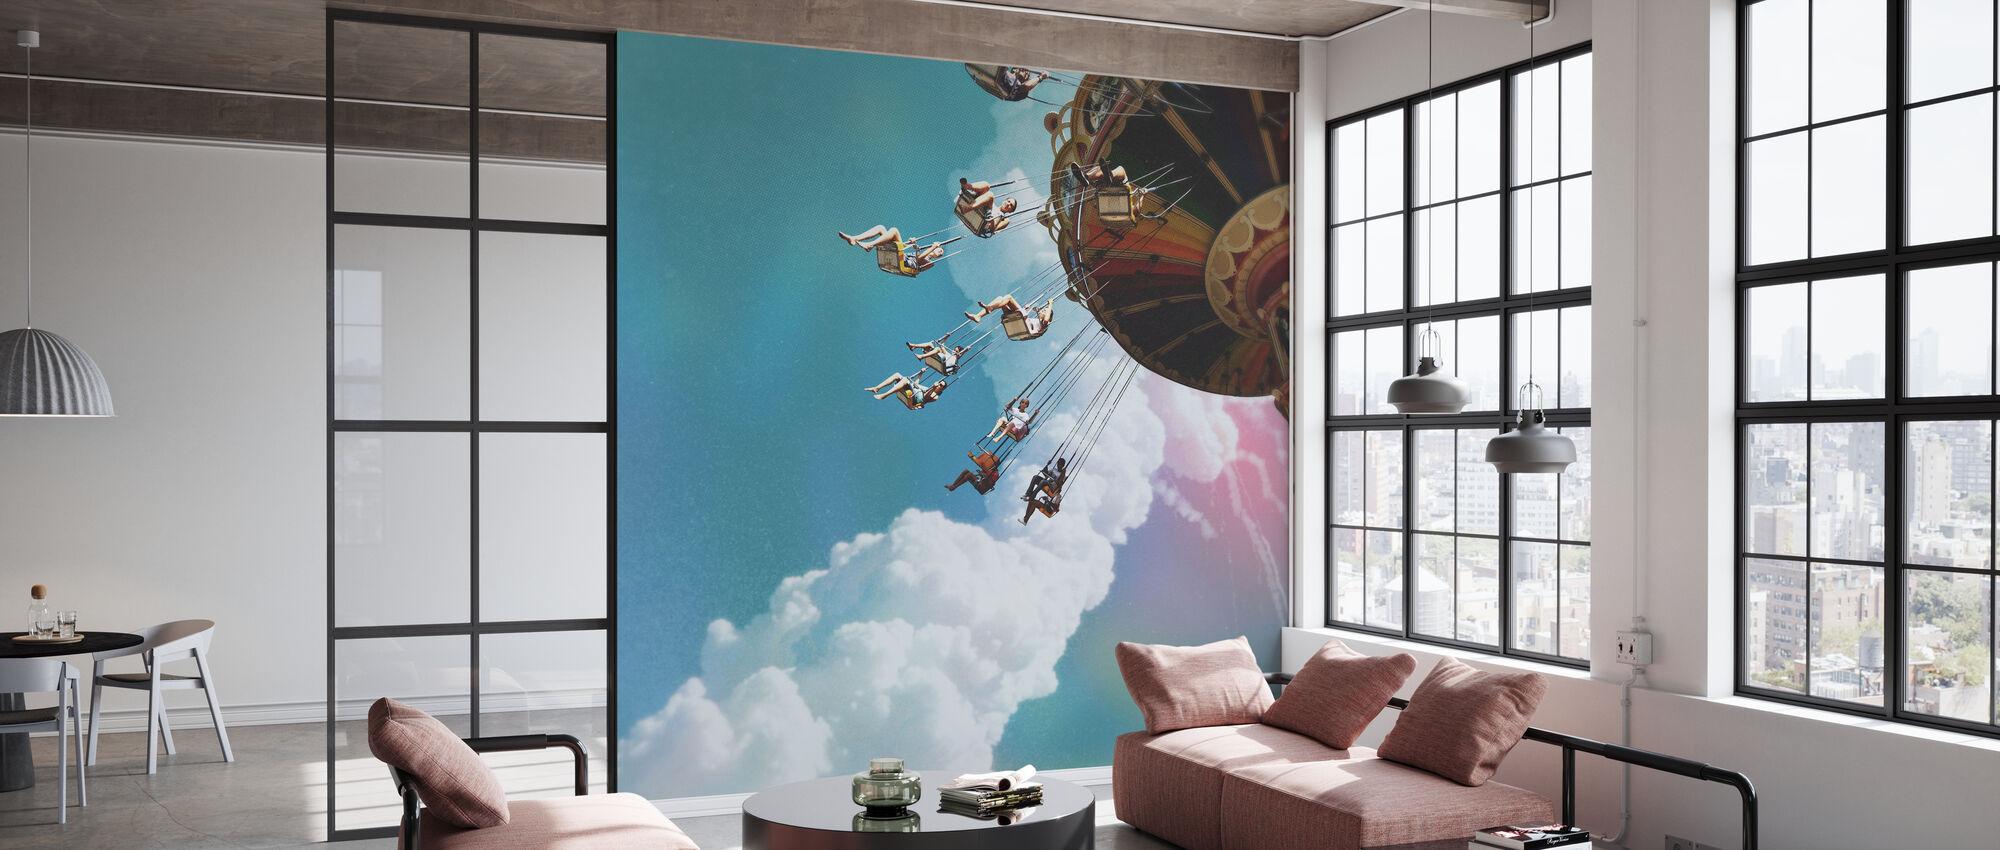 Challenger - Wallpaper - Office